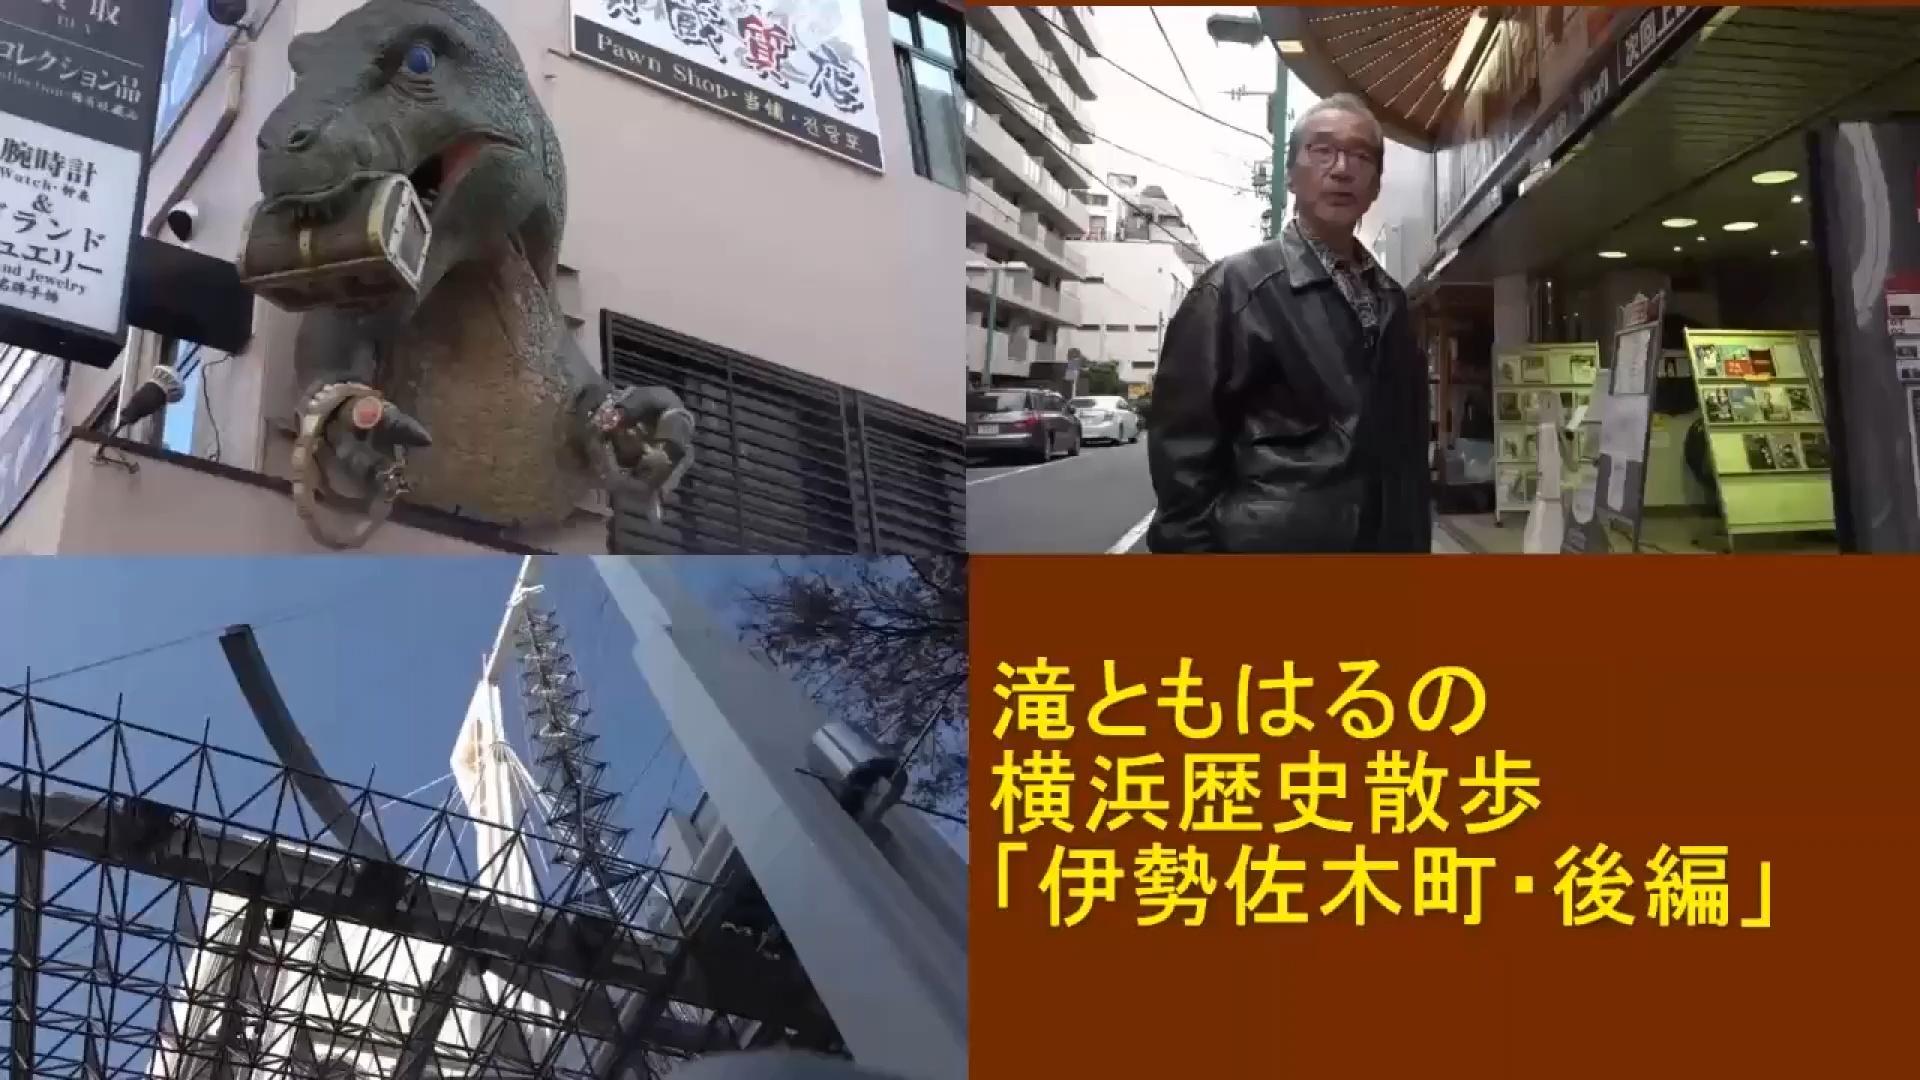 滝ともはるの横浜歴史散歩 ~ 伊勢佐木町 後編 ~